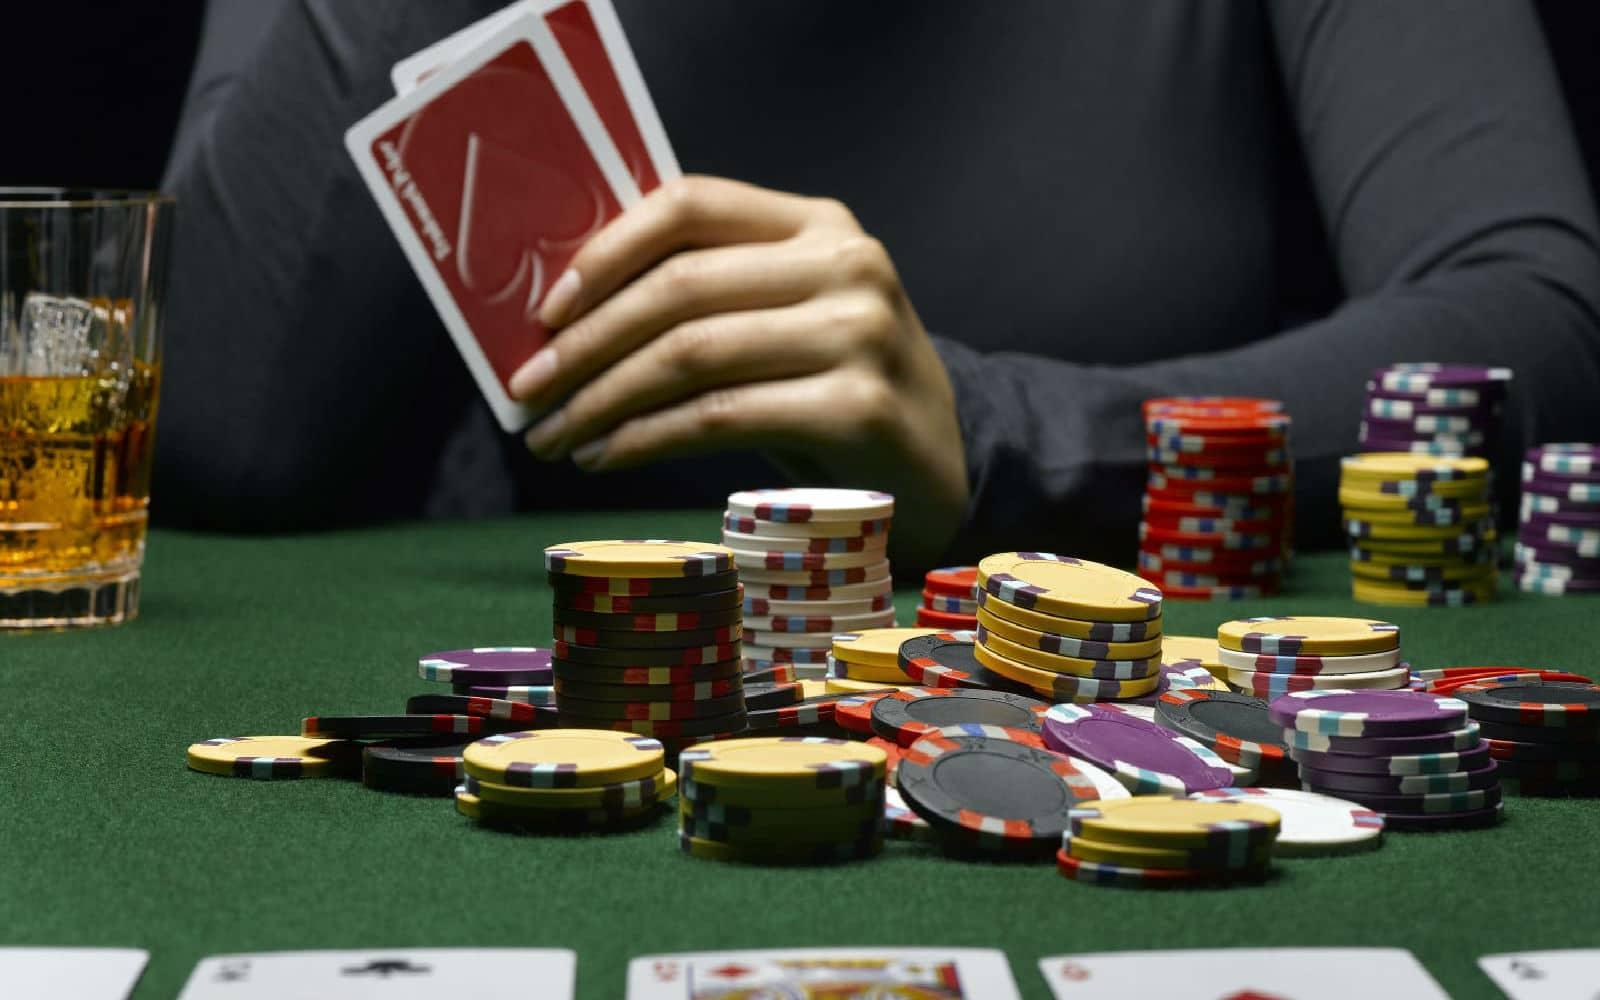 Wie stehen wir zu illegalem Glücksspiel ?